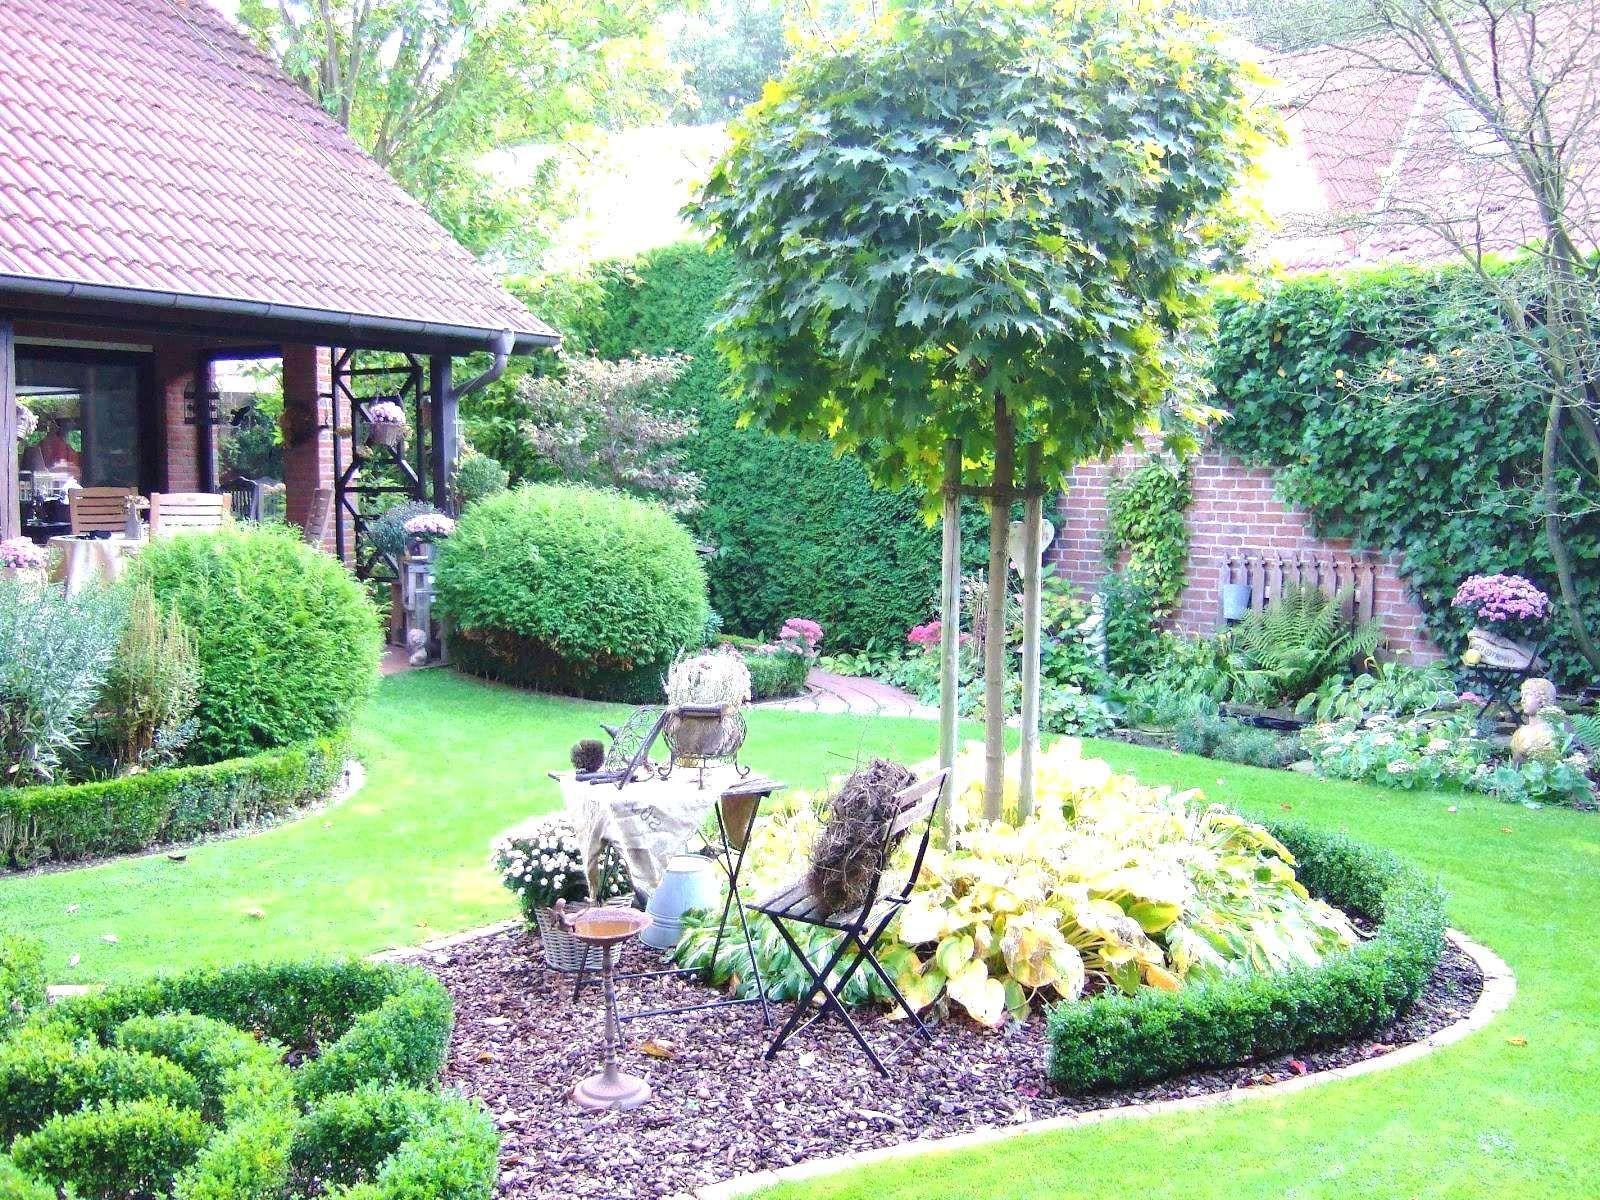 Garten Wandgestaltung Elegant Garten Ideas Garten Anlegen Inspirational Aussenleuchten